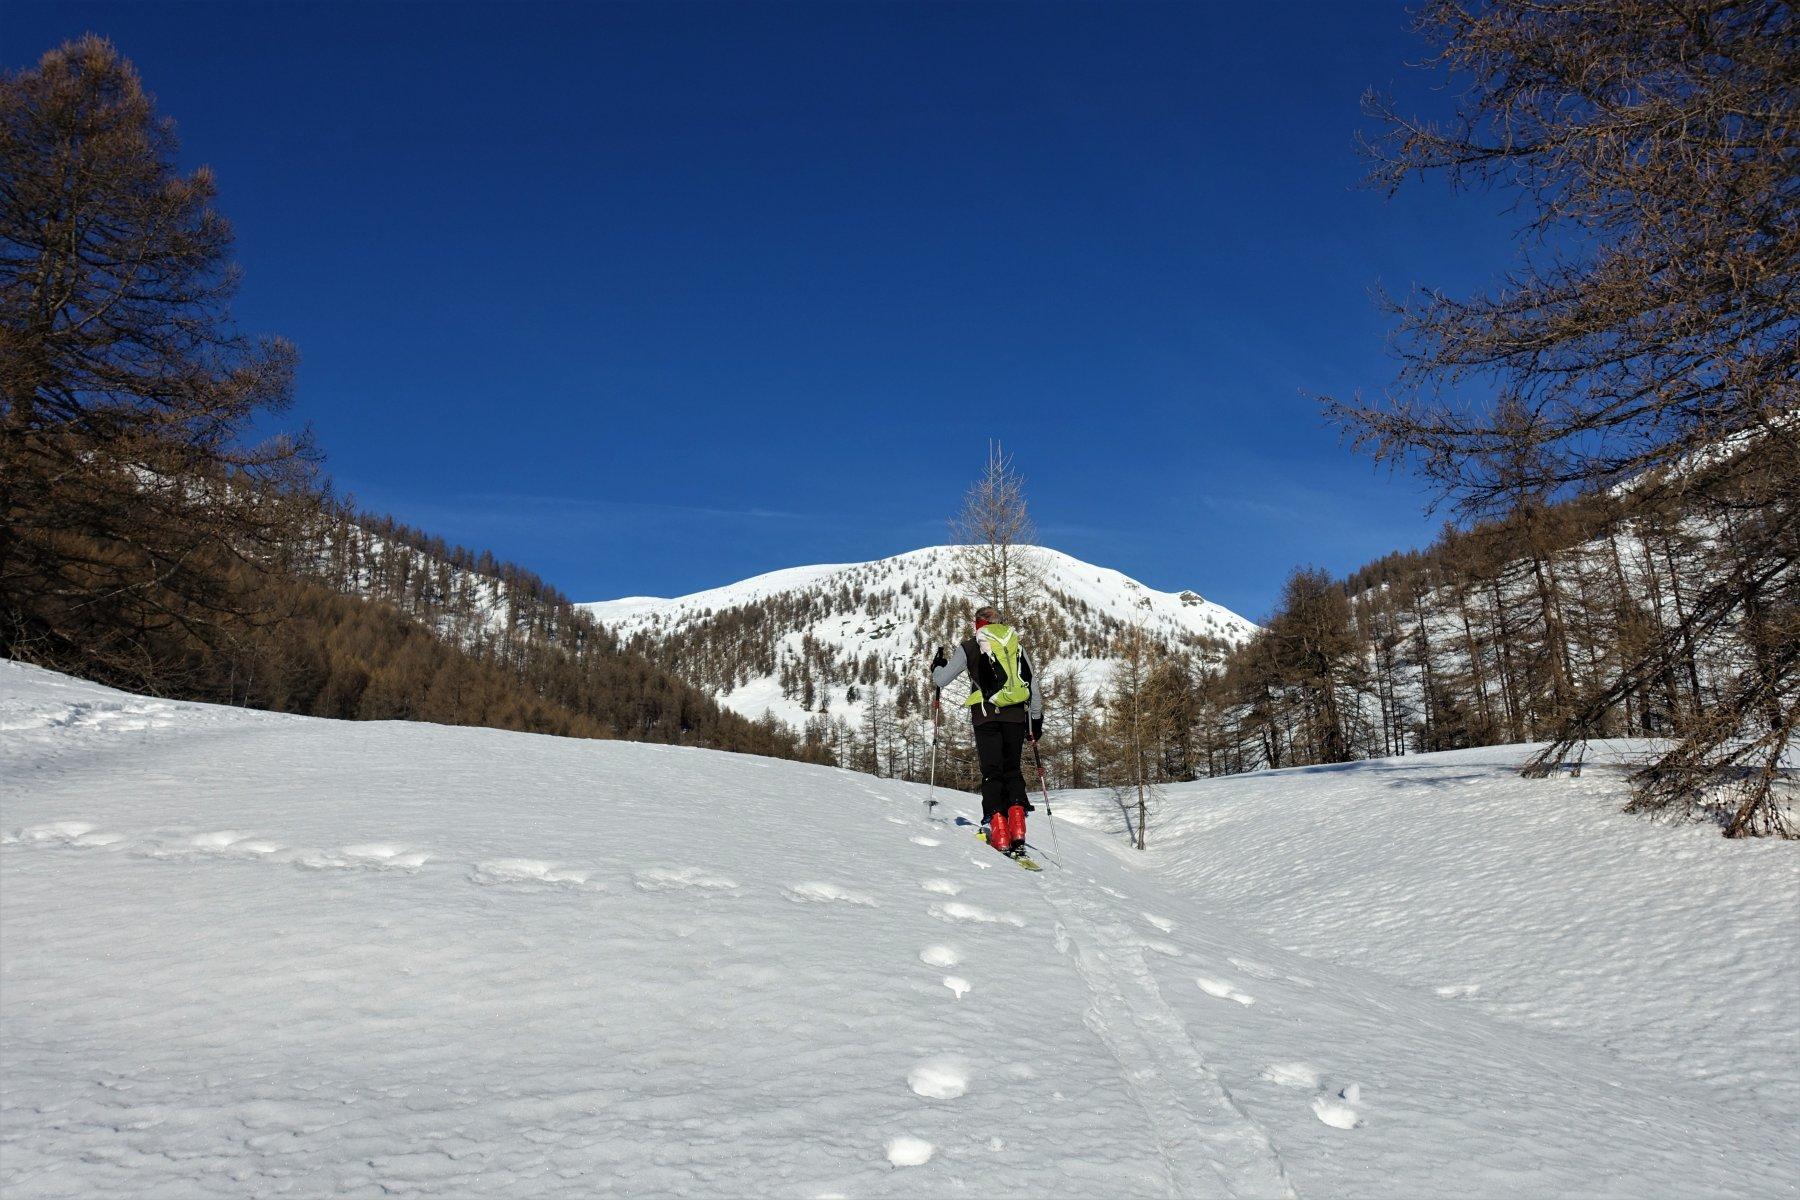 La radura a monte del Rif, con la confluenza fra i valloni di Costa Piana e Blegier sullo sfondo